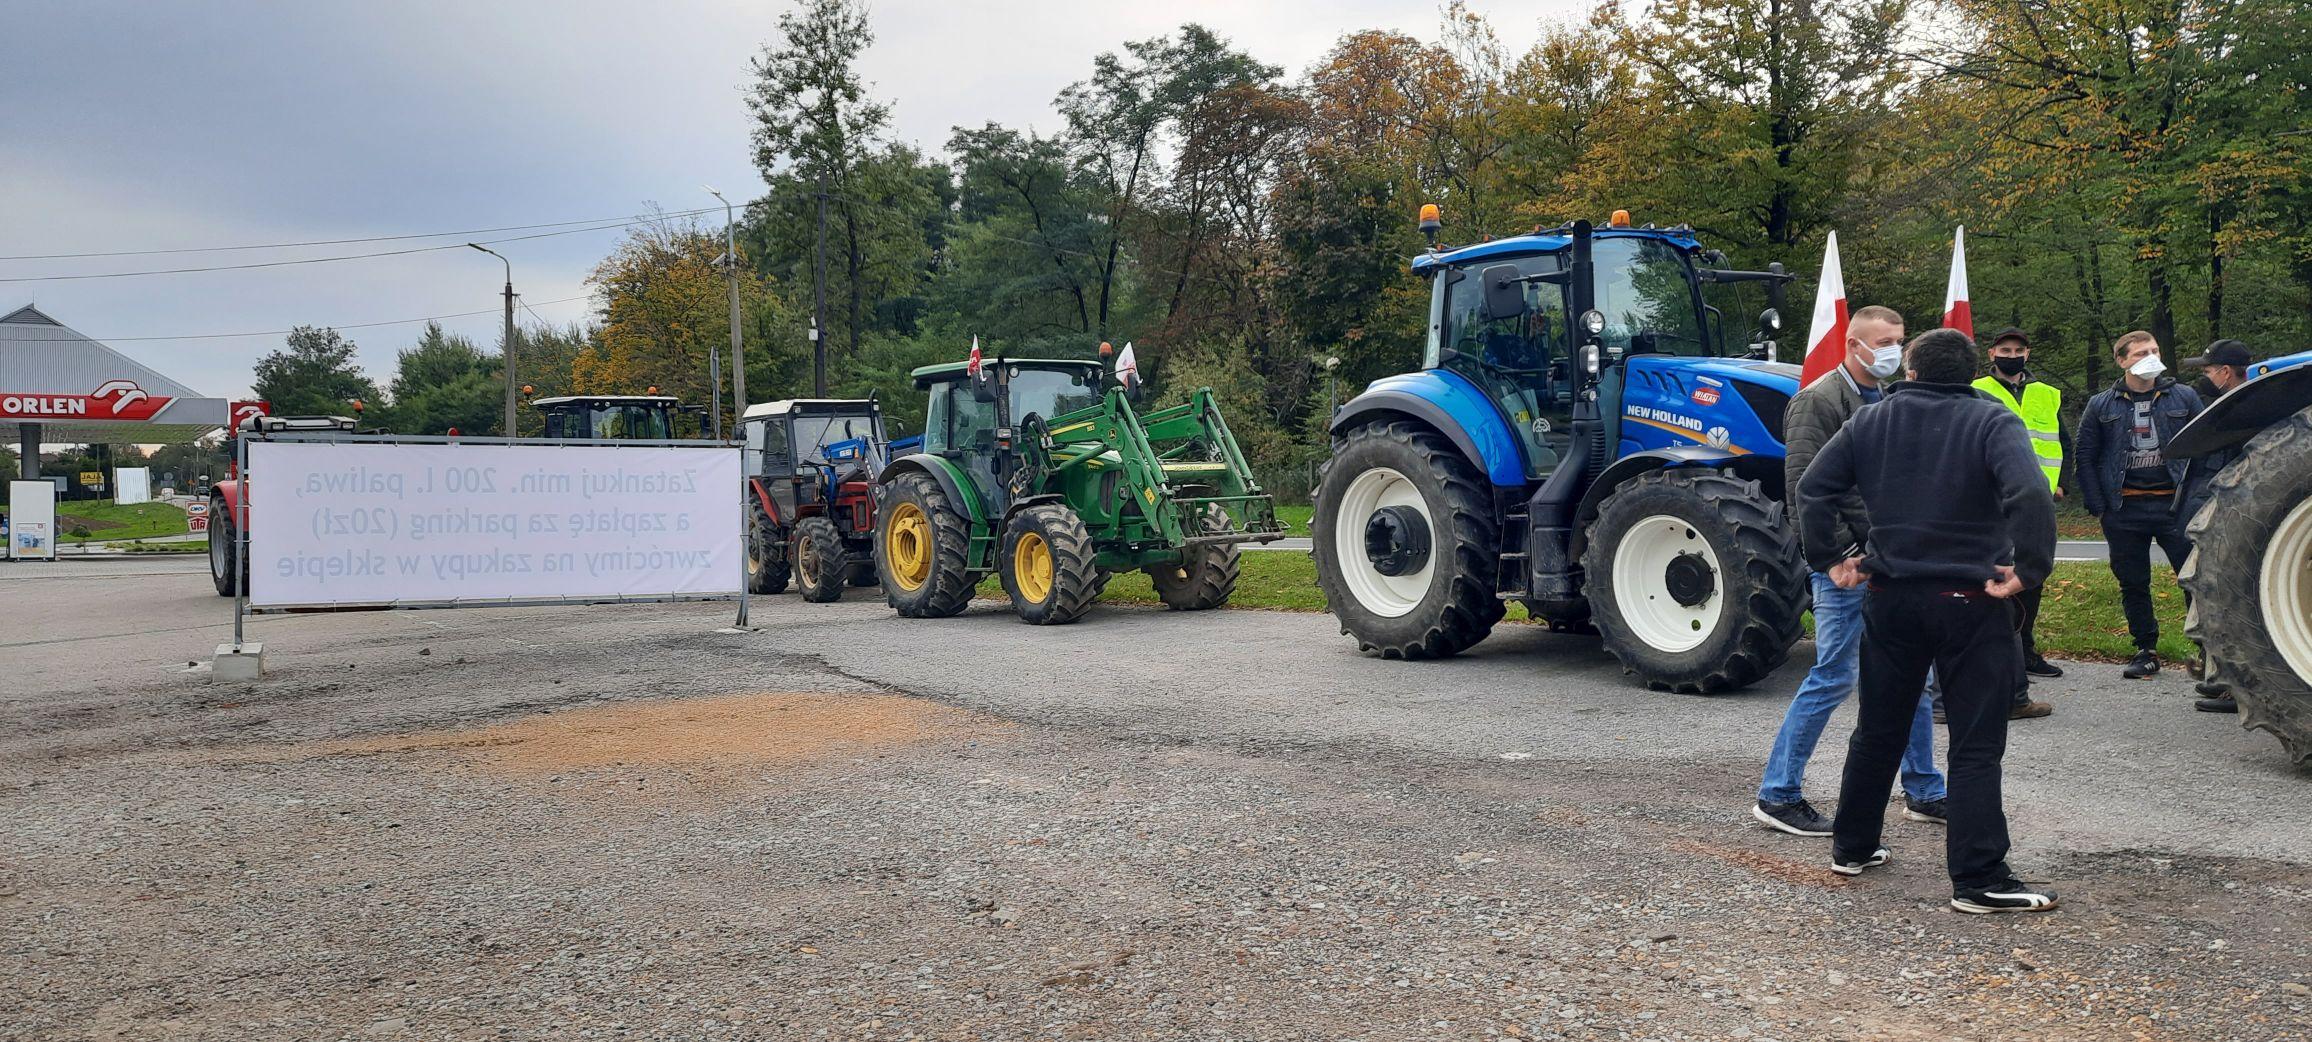 Rolnicy protestują. Możliwe utrudnienia na drogach